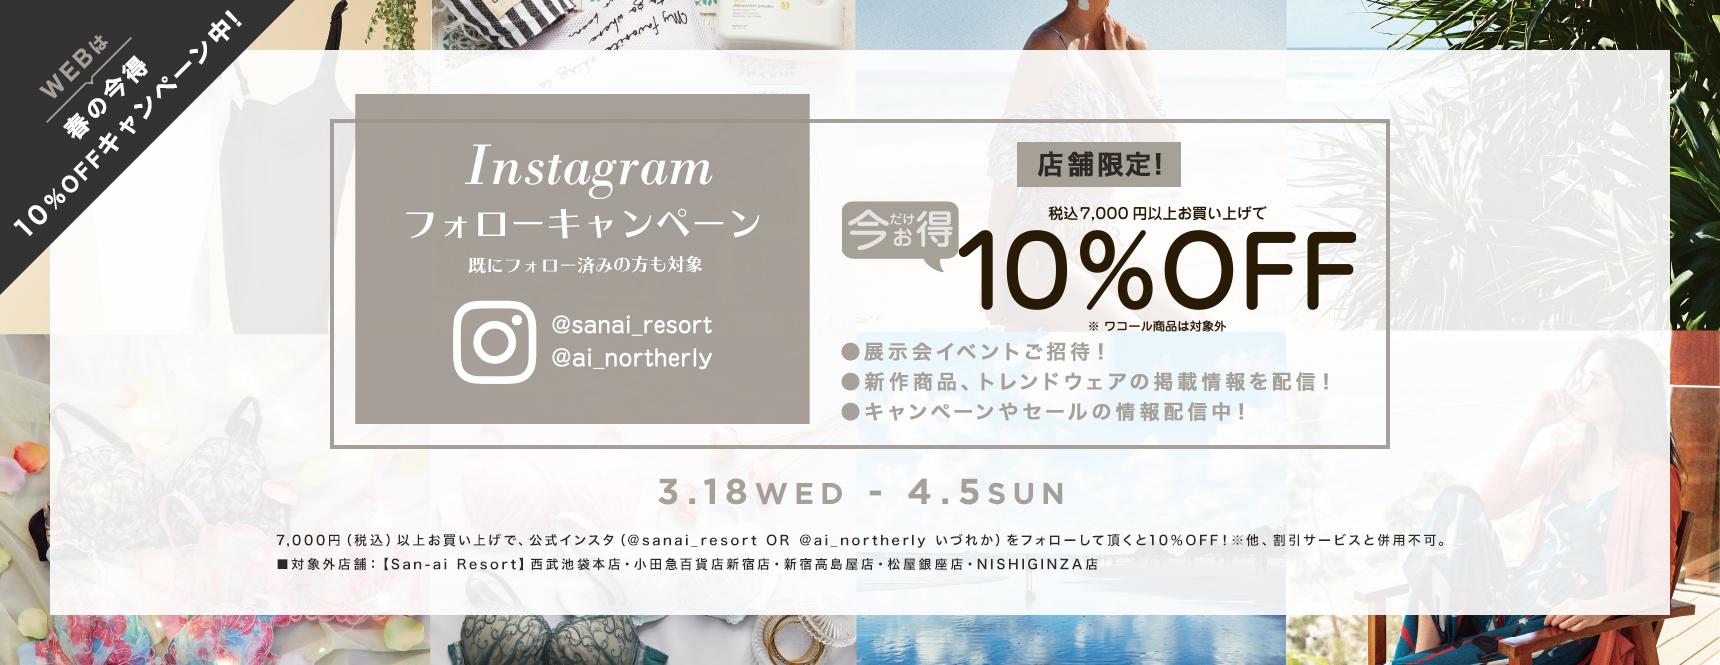 Instagramフォローキャンペーン10%OFF